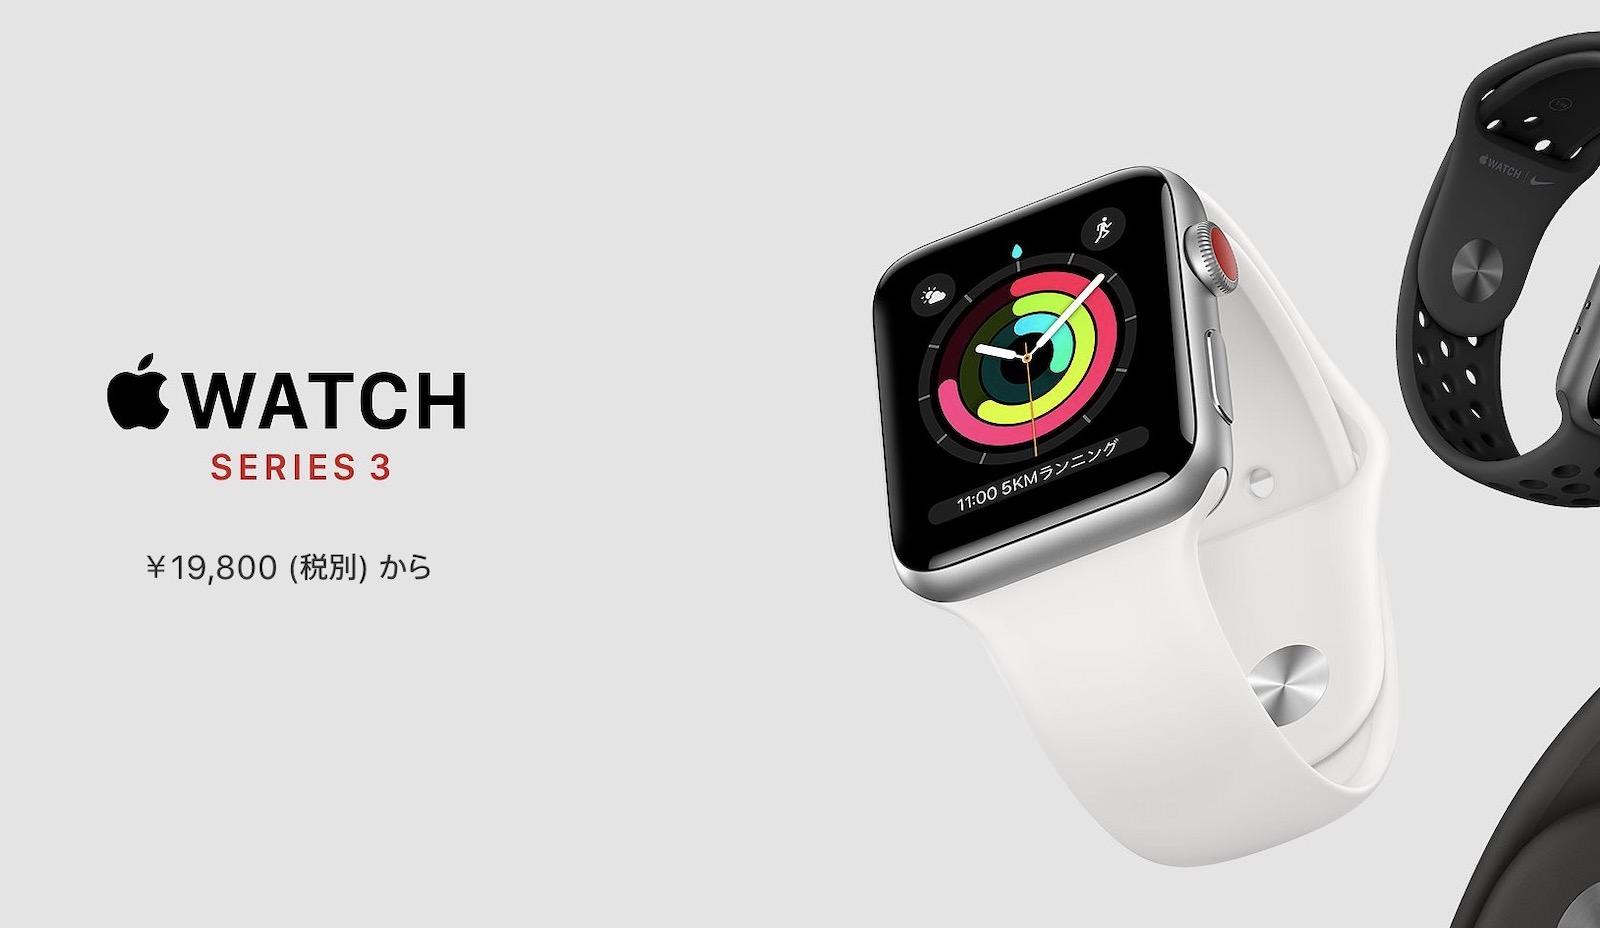 Apple-Watch-Series-3-gets-price-cut.jpg